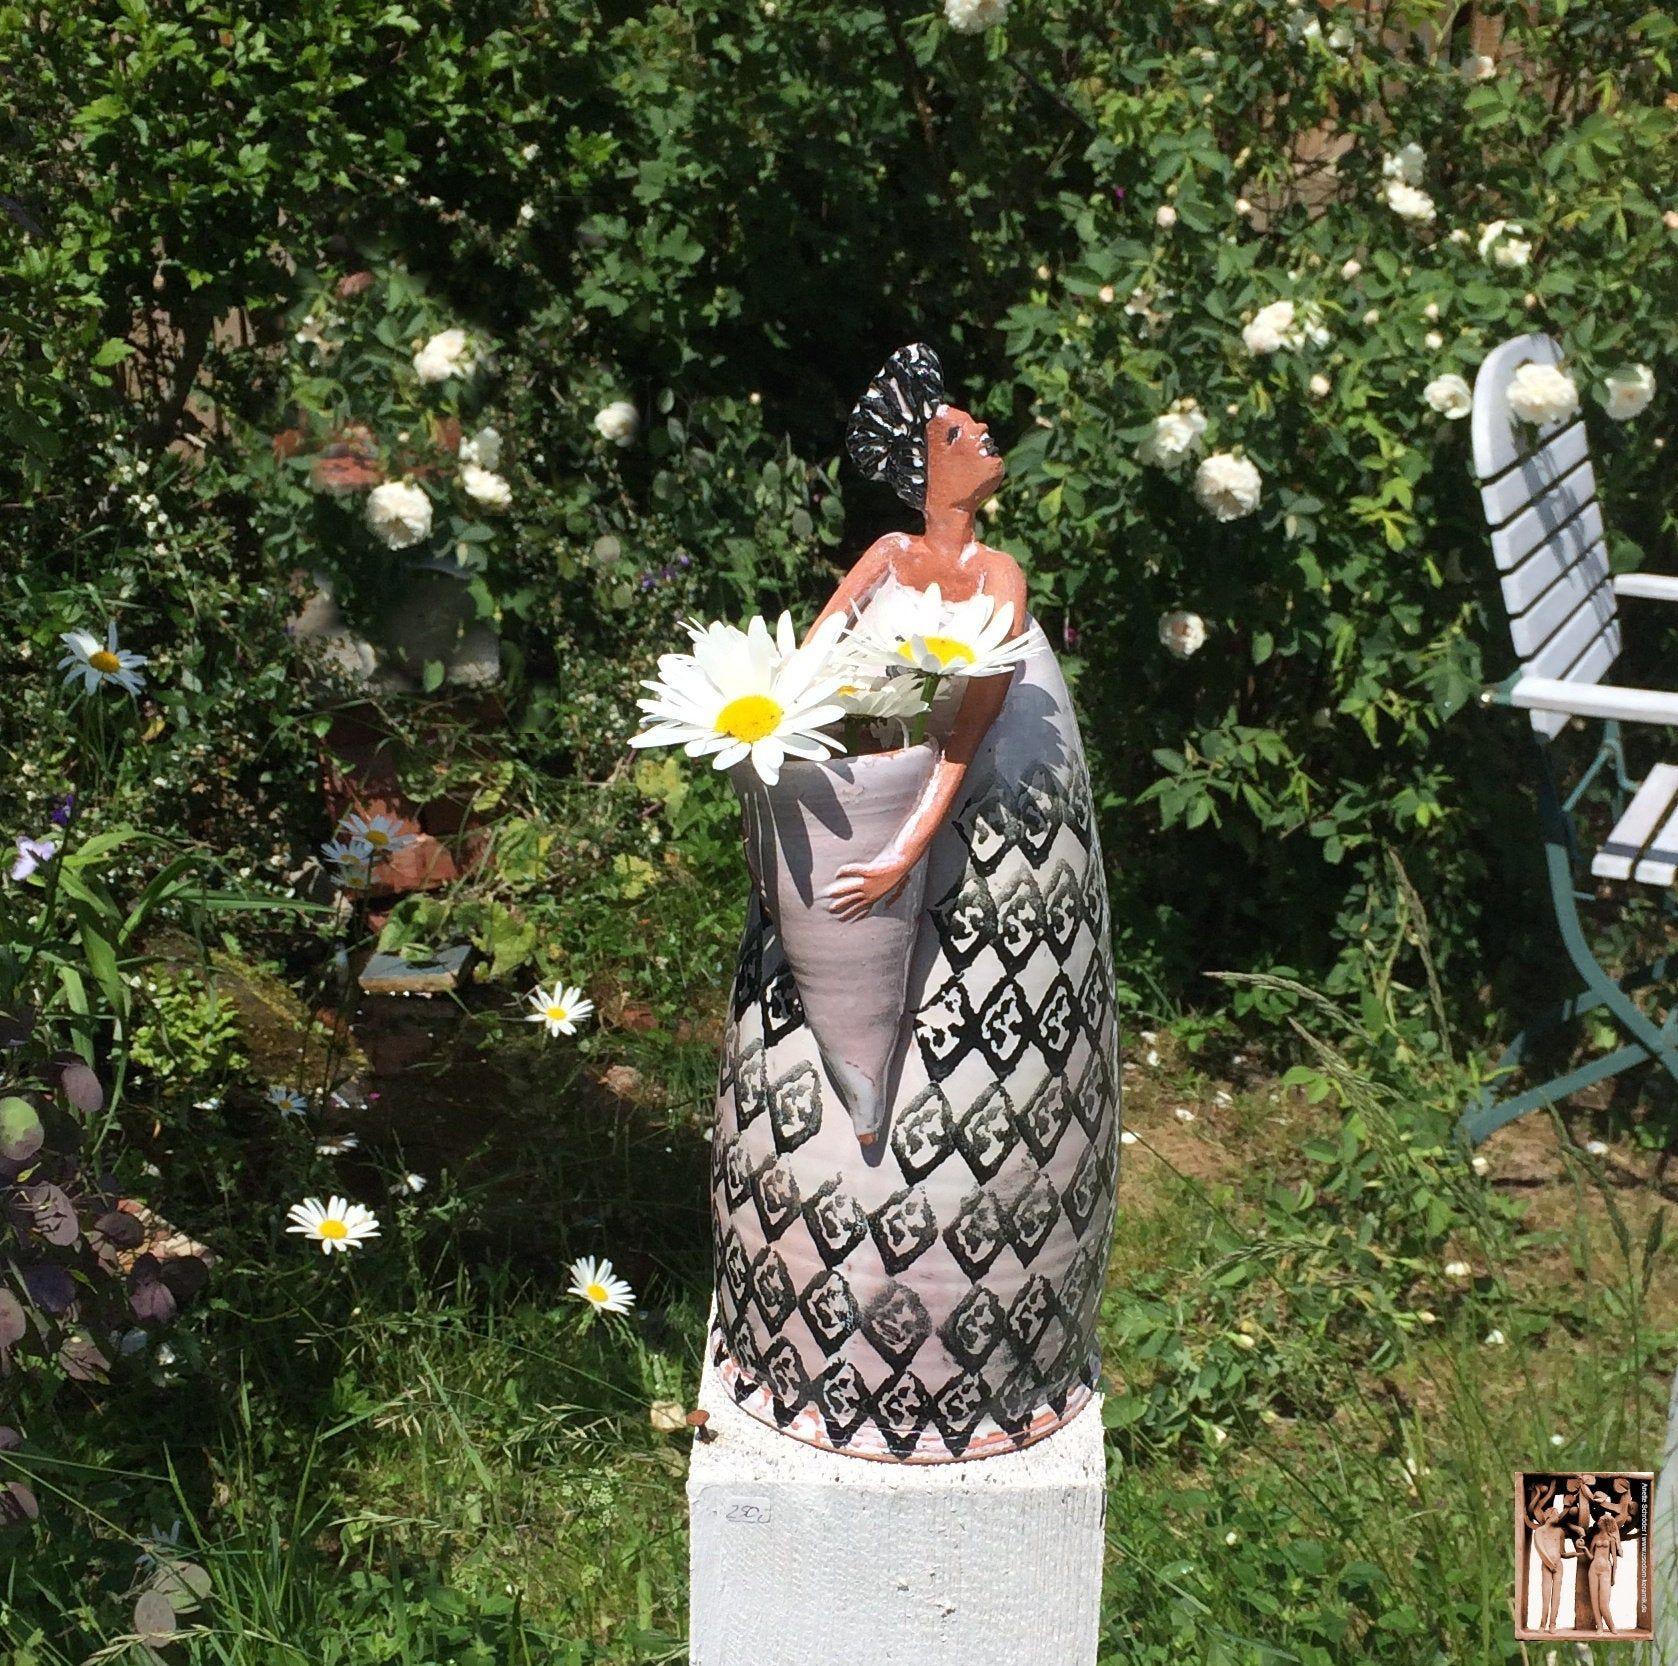 Blumenfrau, handgefertigte Keramikfigur Afro Ethno, Keramik-Kunst Kleinplastik Skulptur Gartenfigur Dekoration von Anette Schröder